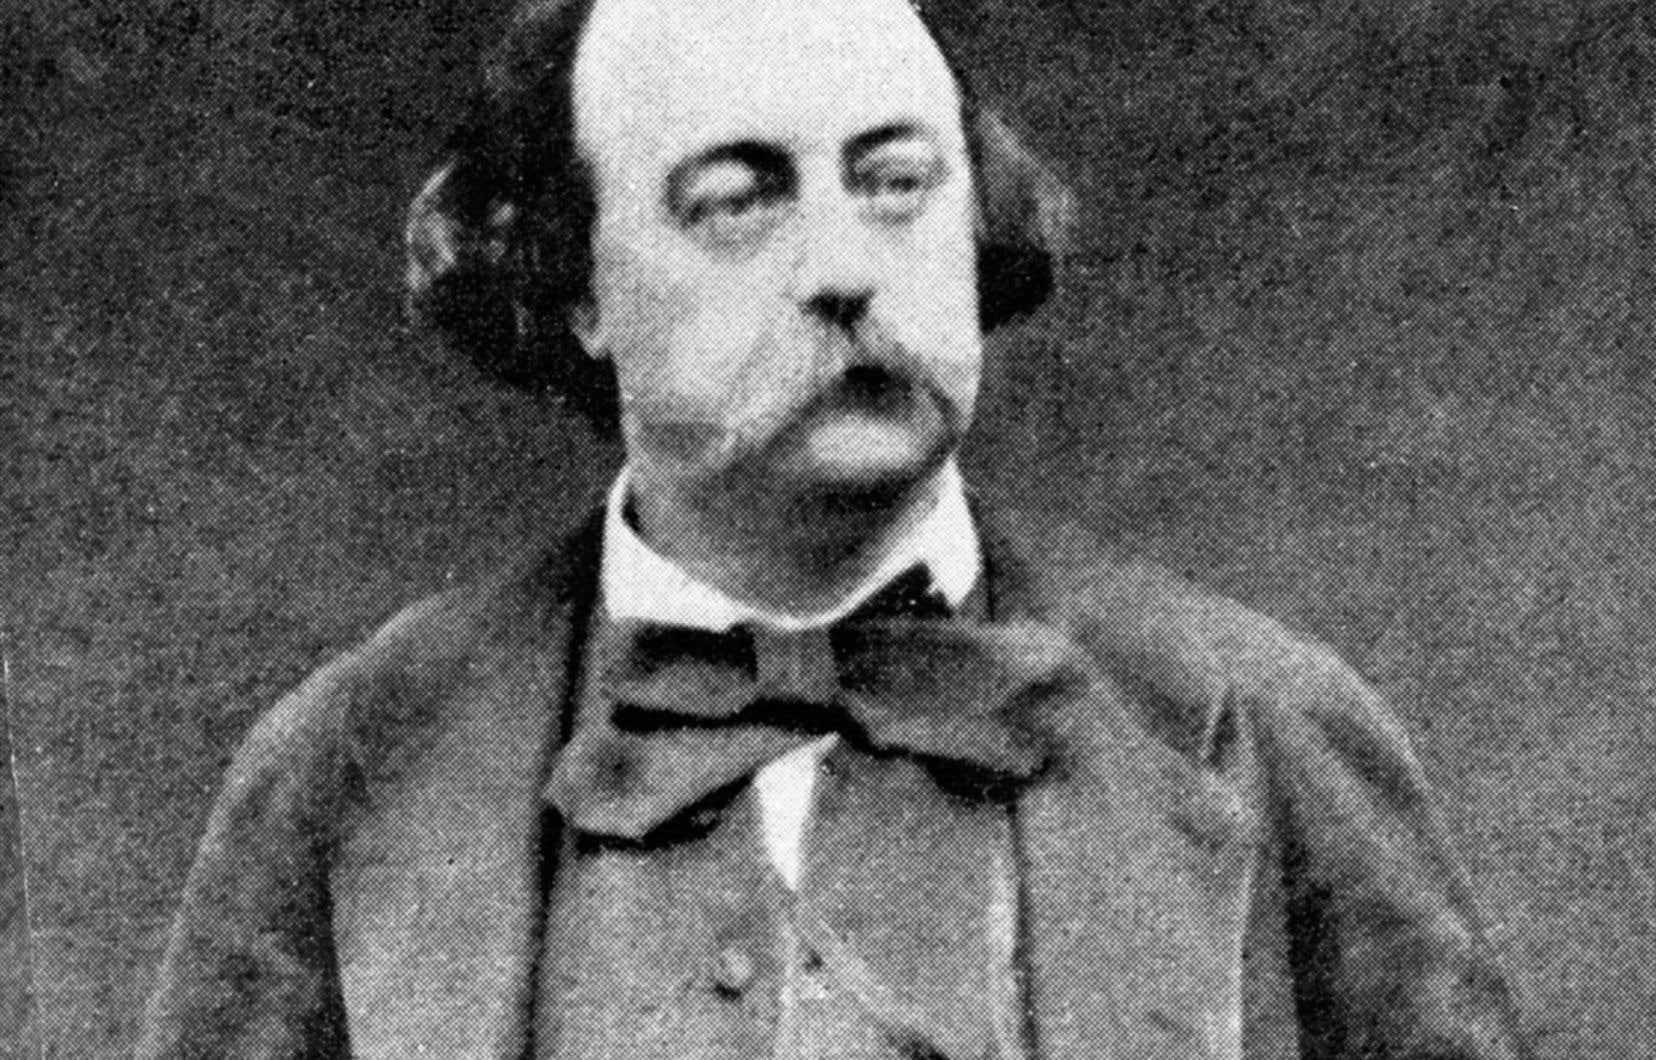 En 1857, la Cour impériale de France a intenté un procès à l'auteur Gustave Flaubert pour avoir «glorifié l'adultère» dans Madame Bovary.